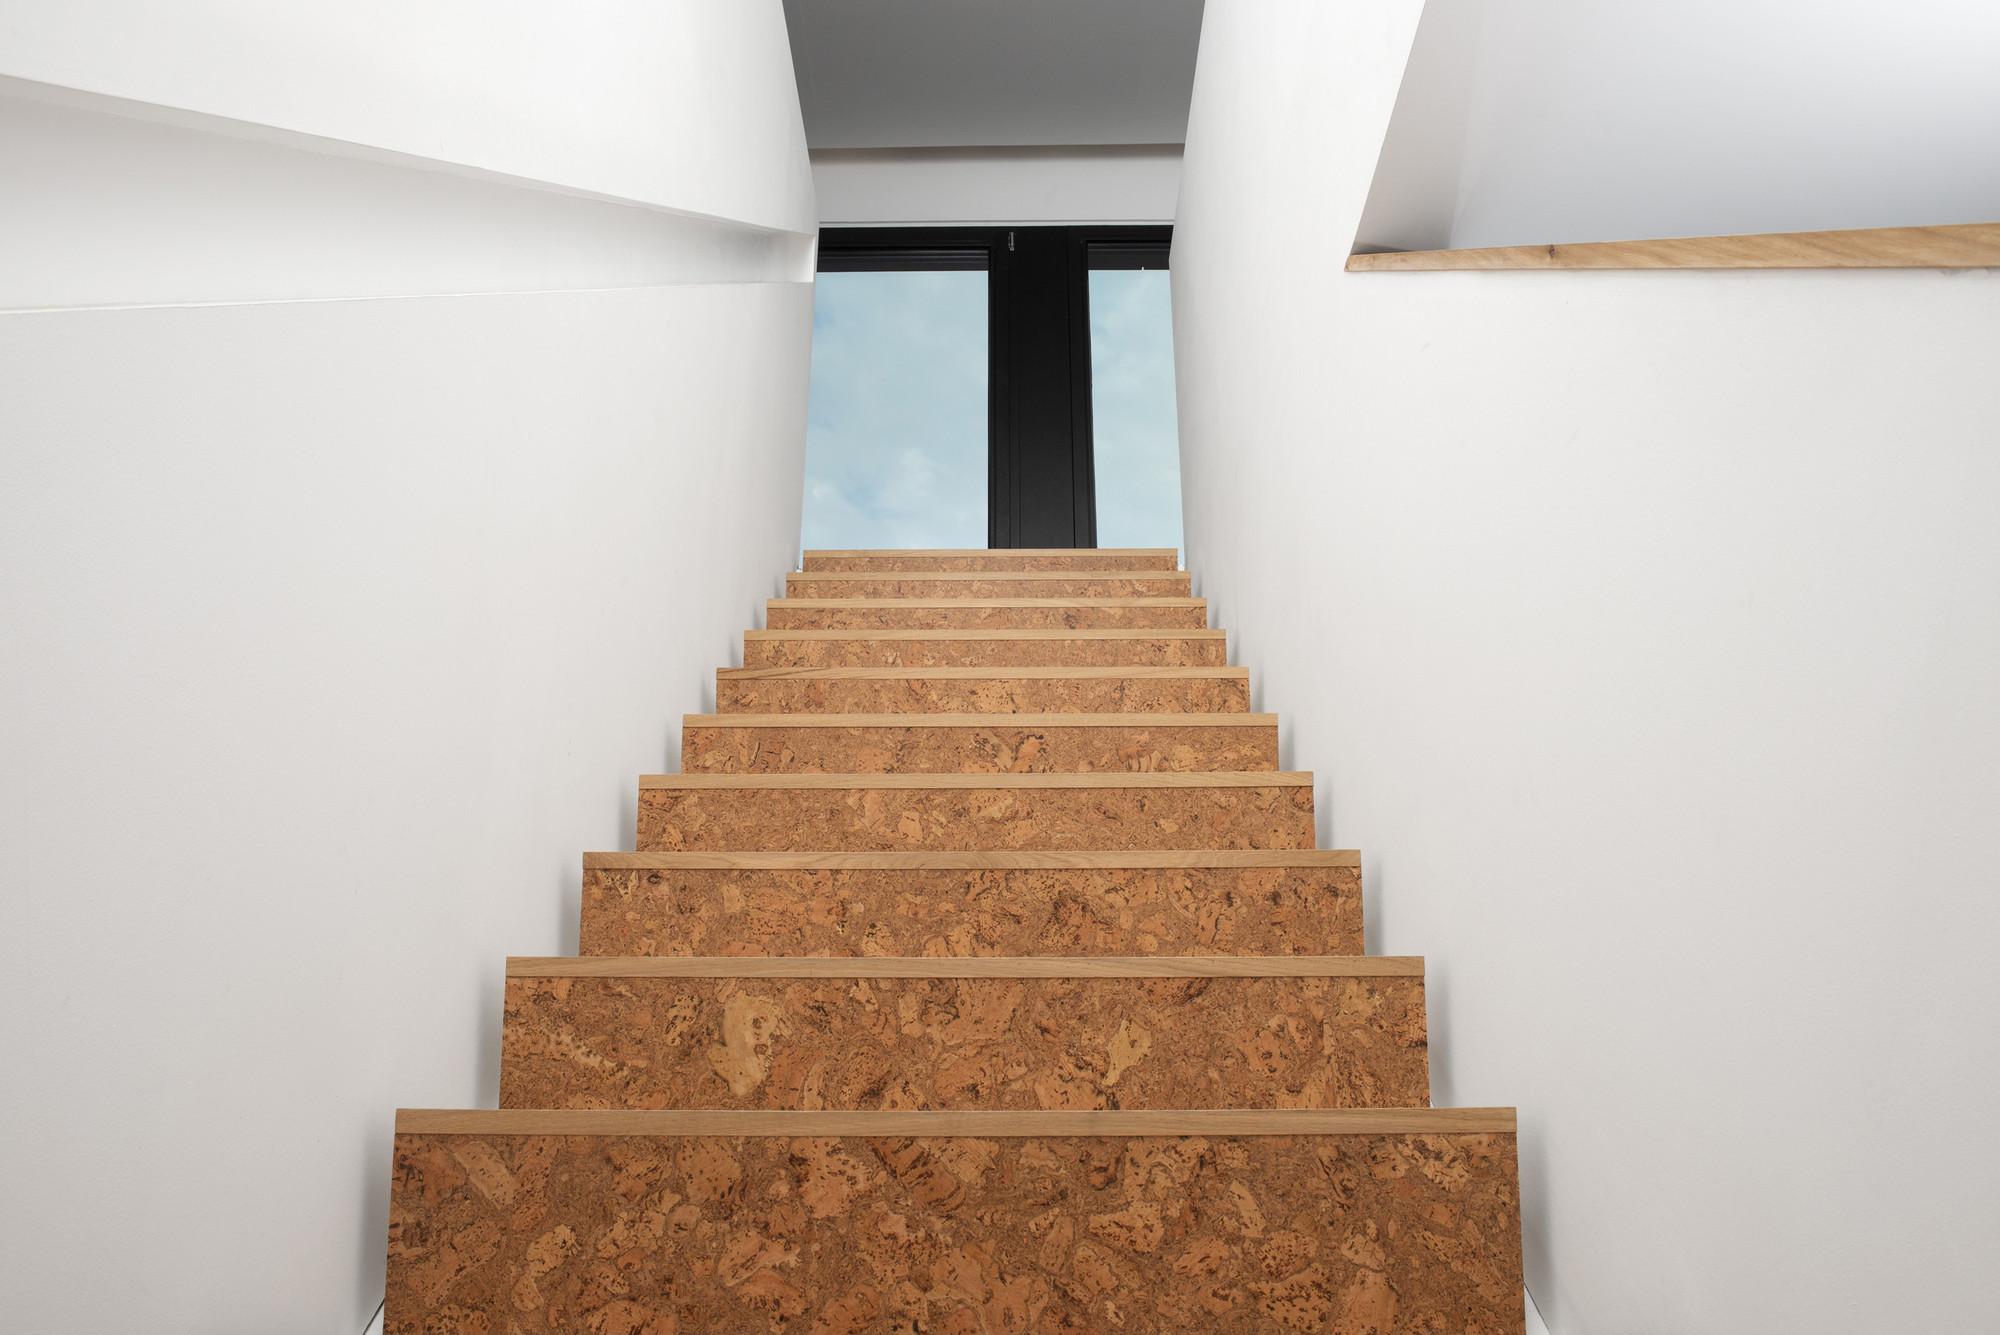 покрытие линолеумом лестницы фото обустройстве дома юдашкин